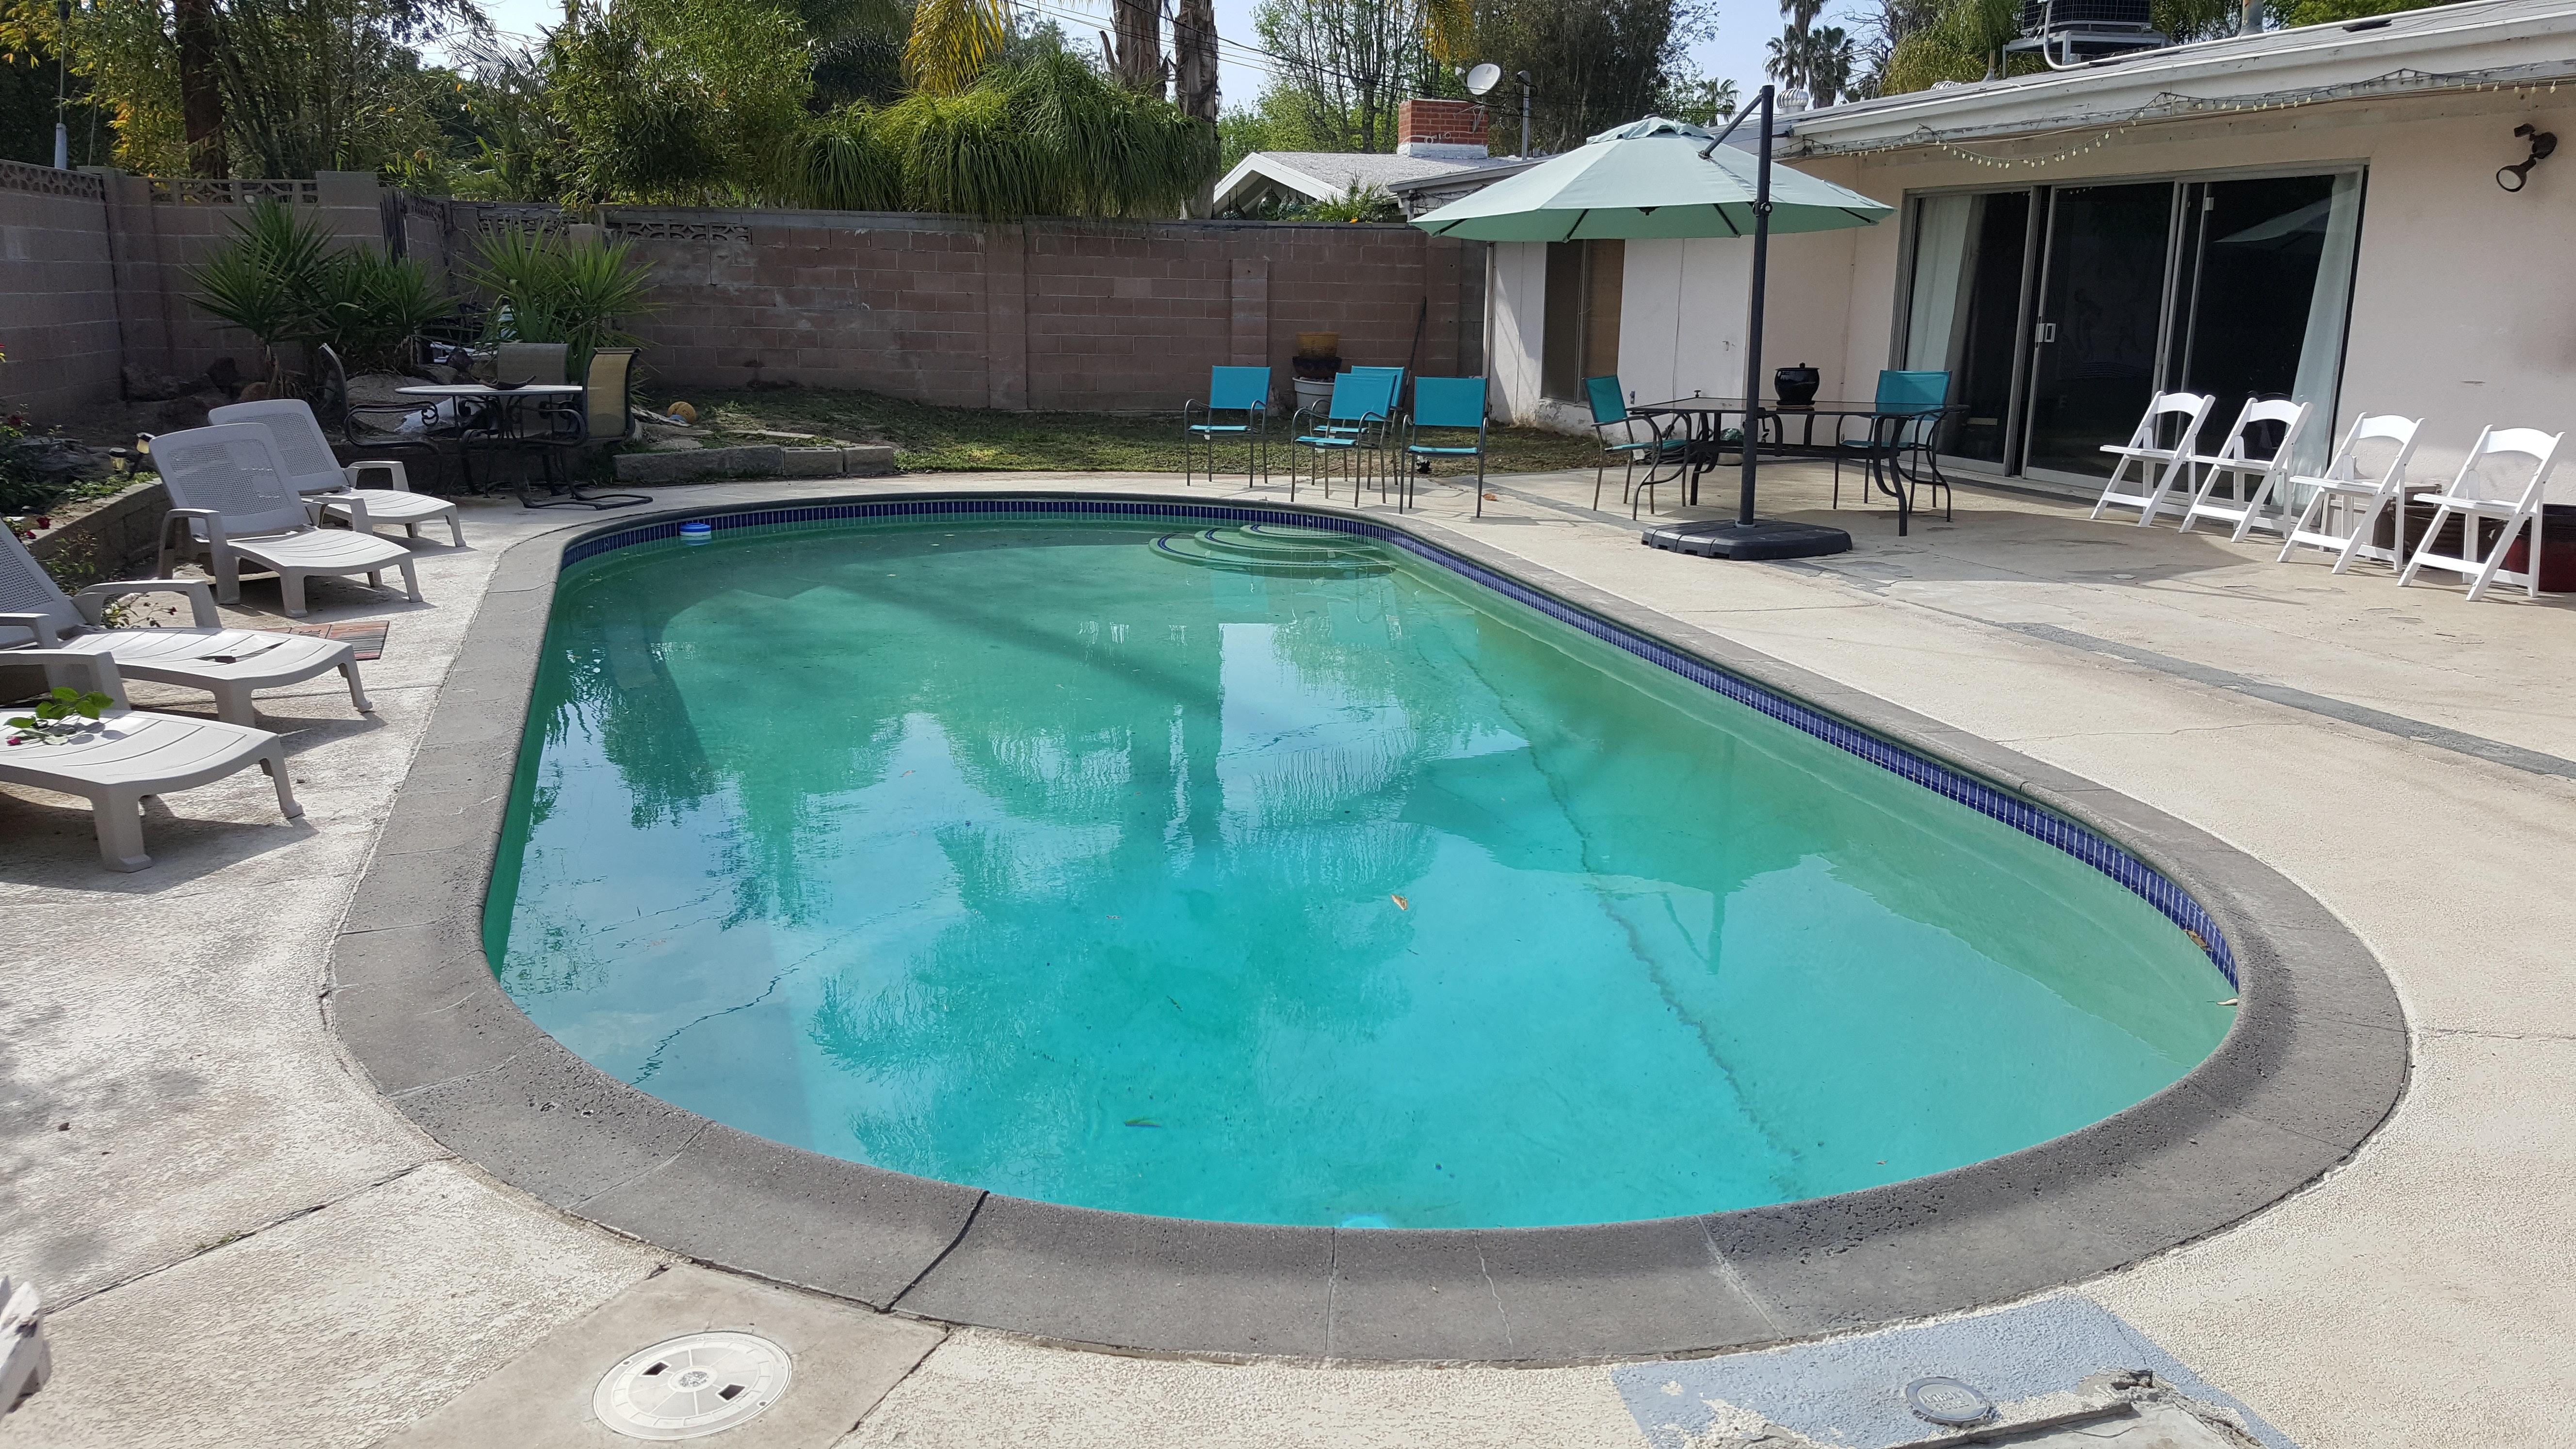 Kostenloses Foto Zum Thema Hinterhof Pool Schwimmbecken